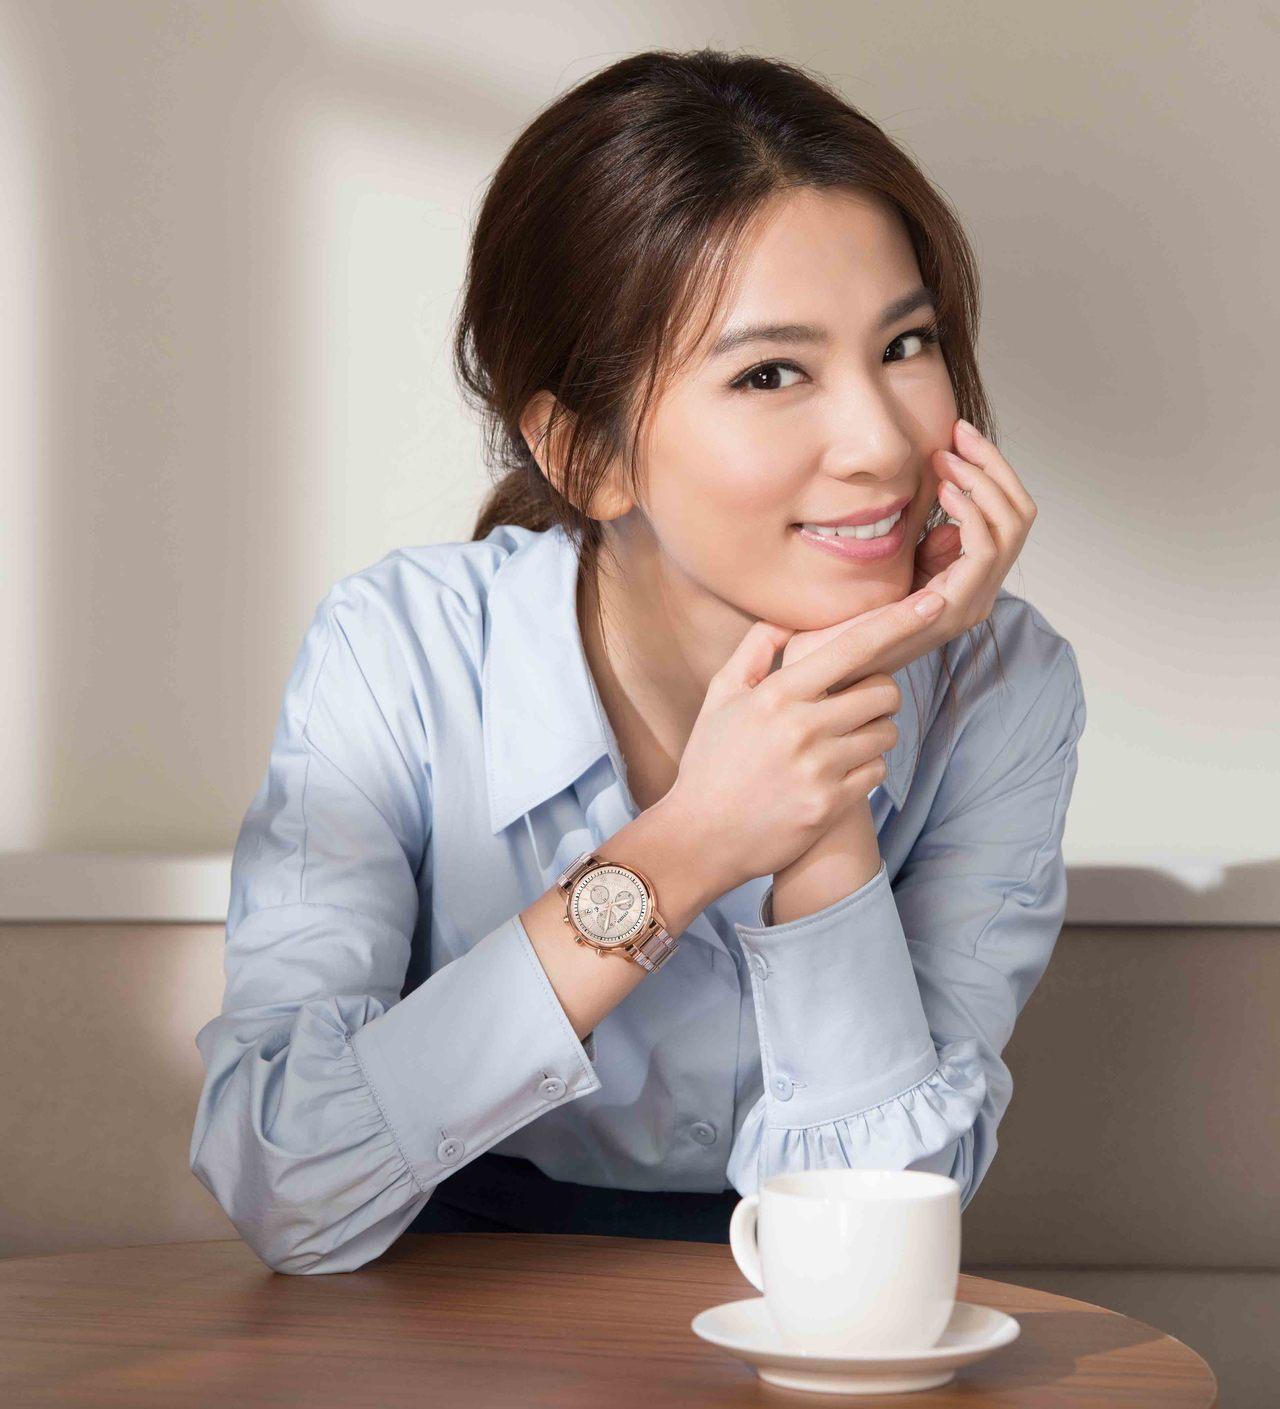 百年日系腕錶品牌CITIZEN最新2018七夕情人節女錶系列,以Sakura p...